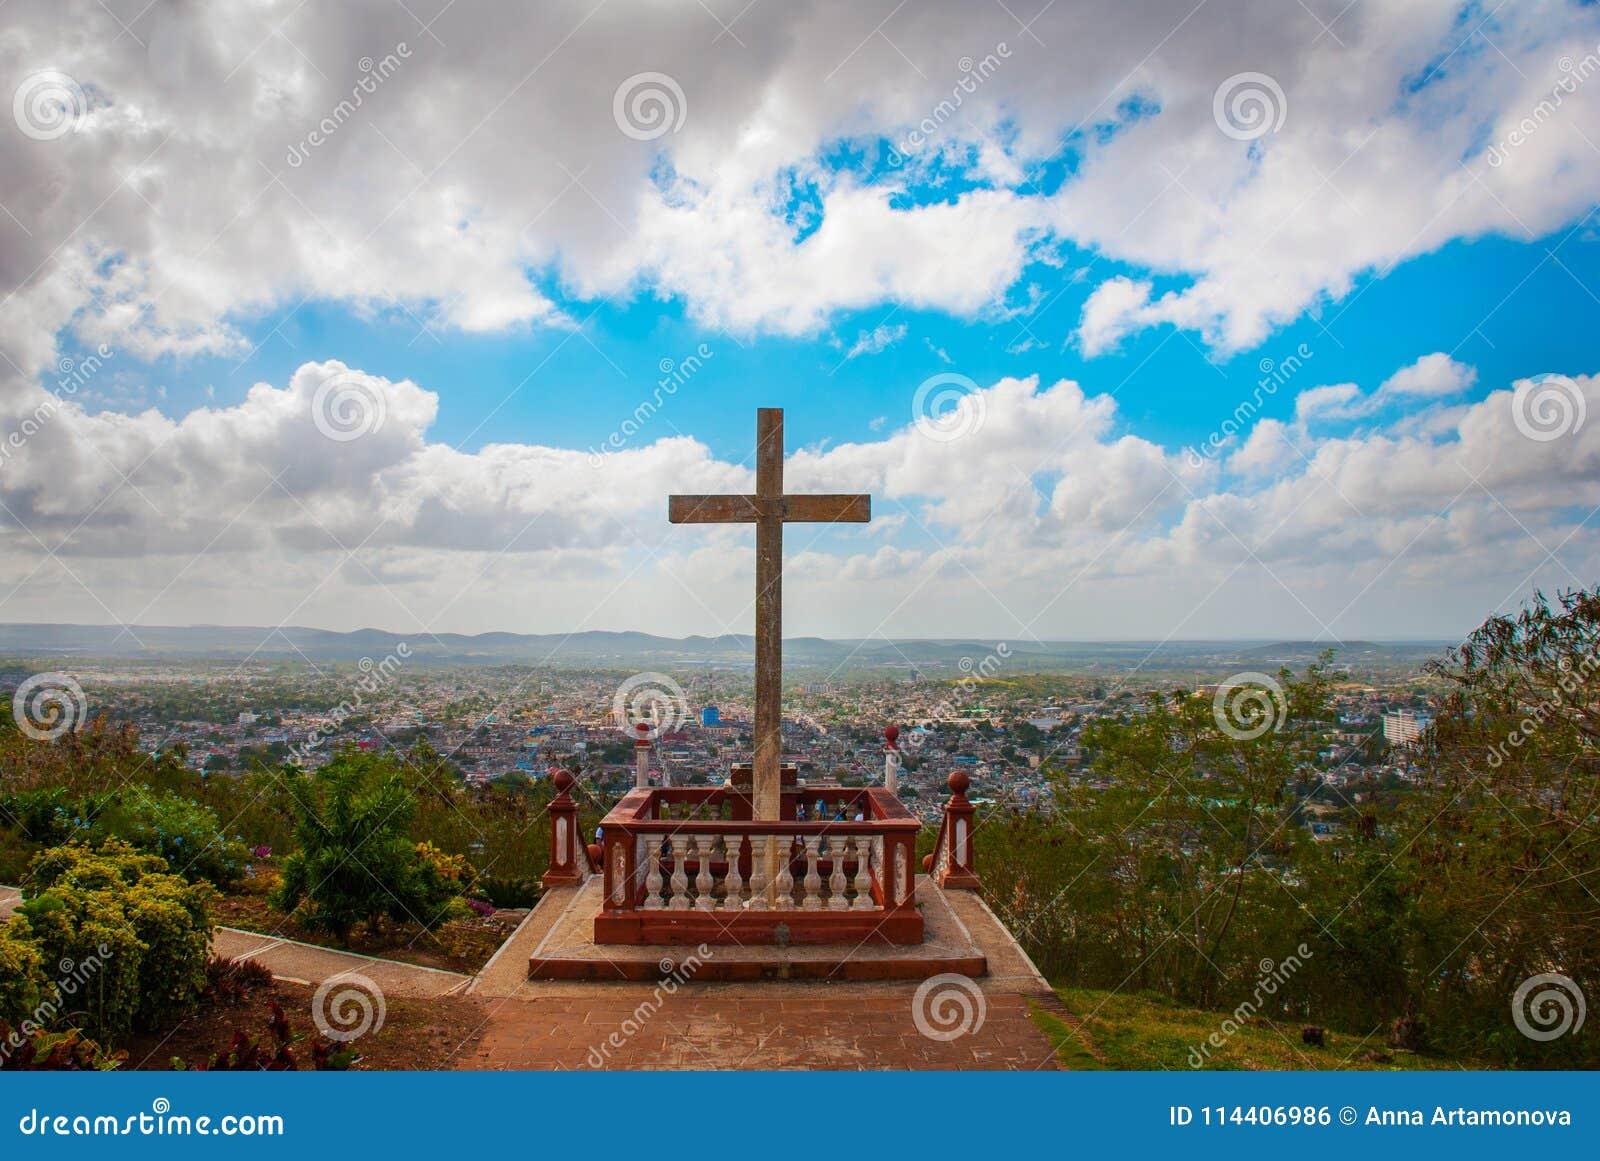 Cuba Holguin: Loma de La Cruz de Holguin